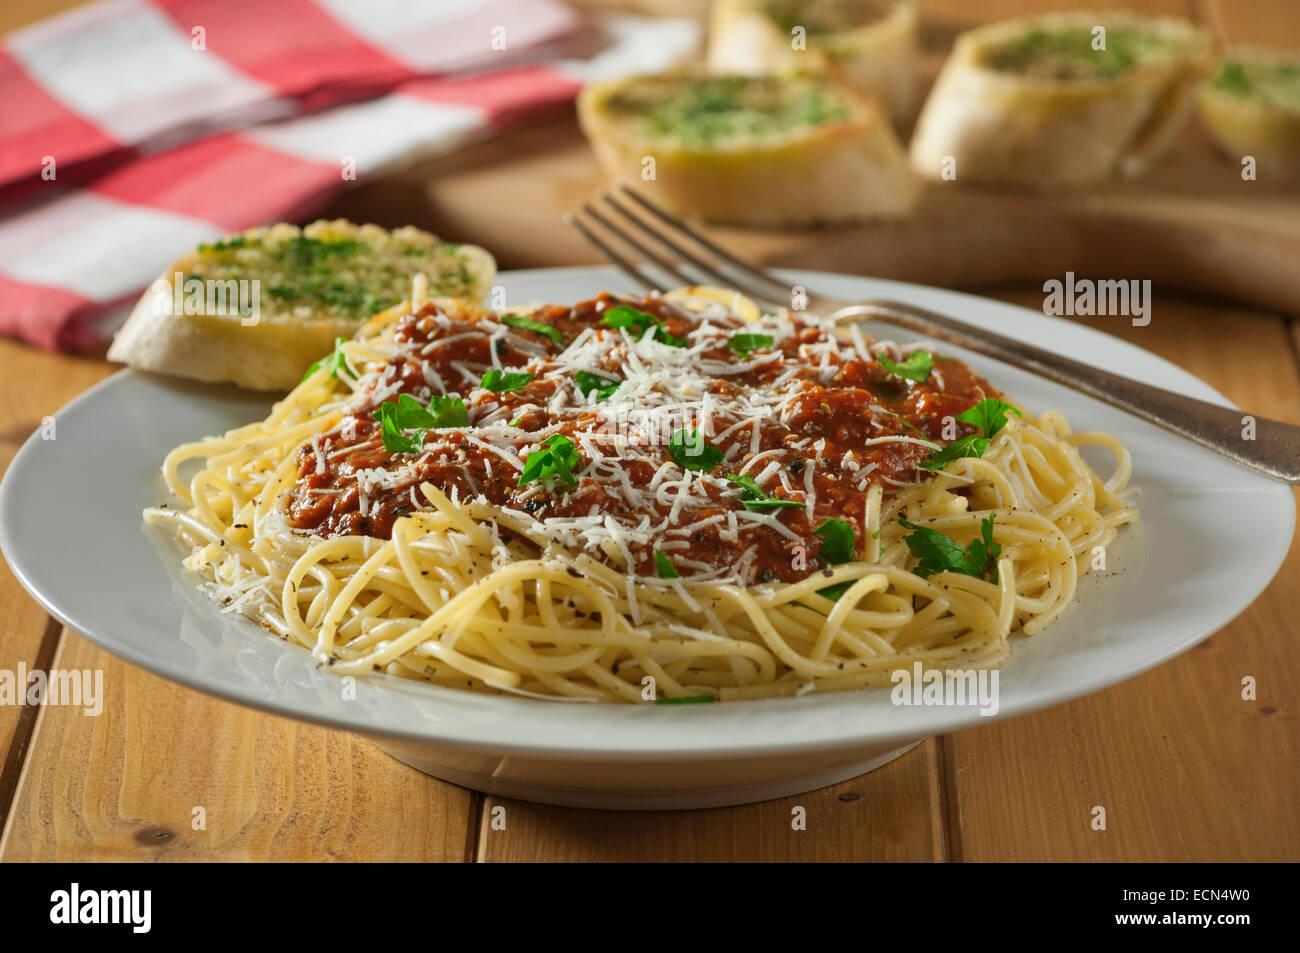 Spaghettis à la bolognaise avec du pain à l'ail. Plat de pâtes italiennes. Banque D'Images